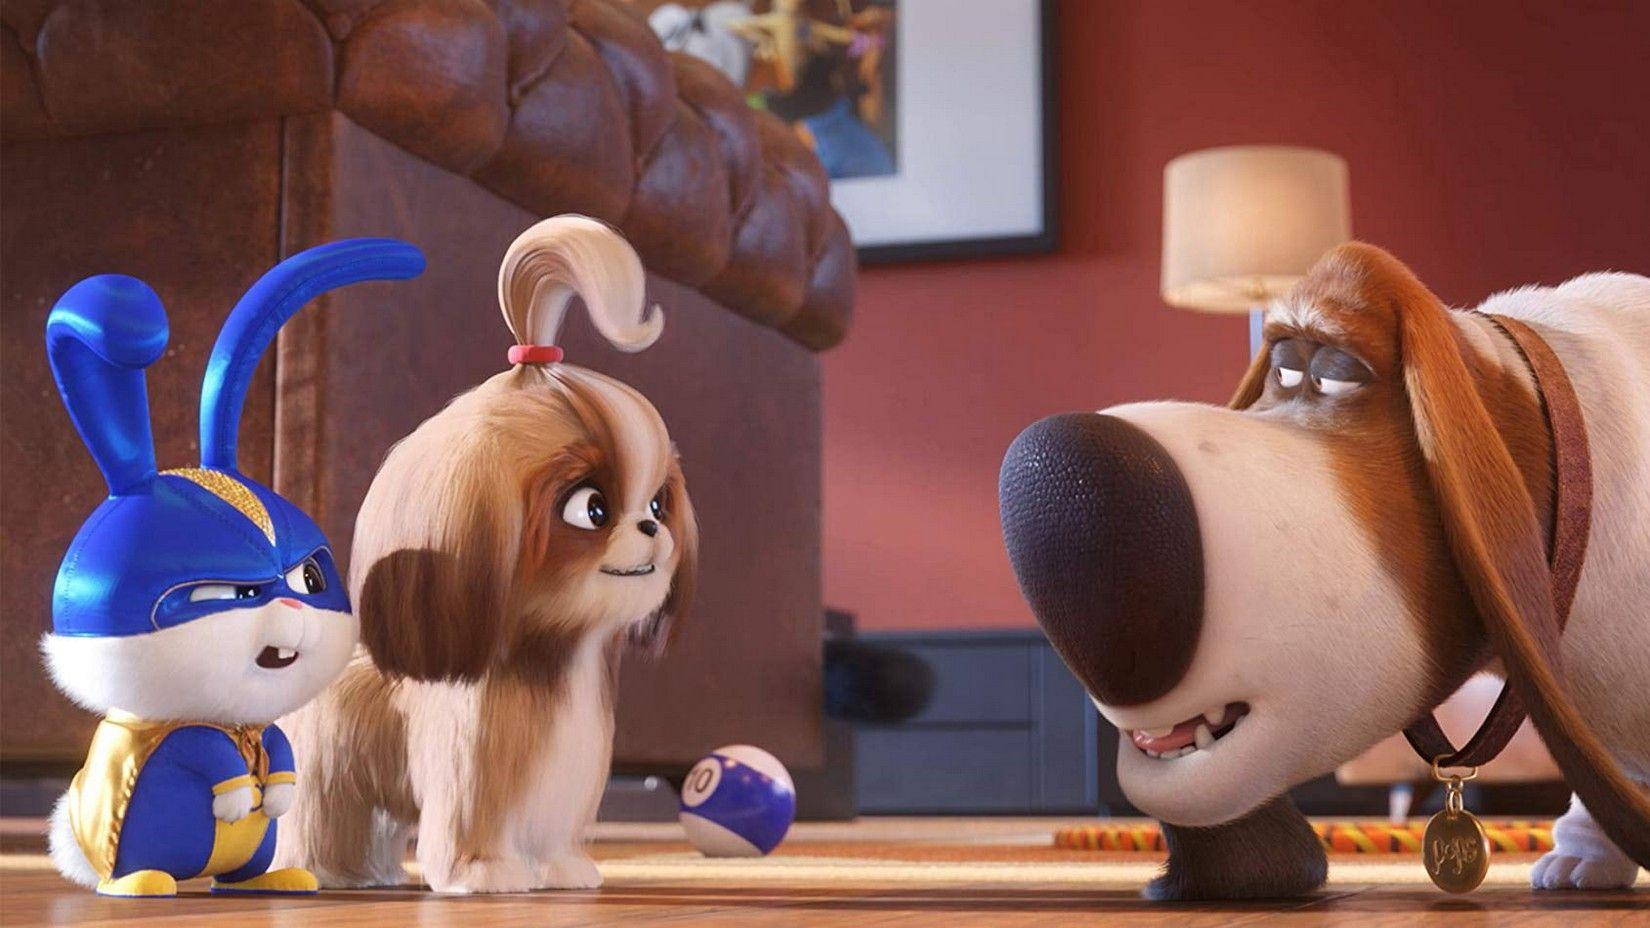 Mascotas 2 Pelicula Completa En Espanol Latino Aquipelis Secret Life Of Pets Secret Life Spring Movie